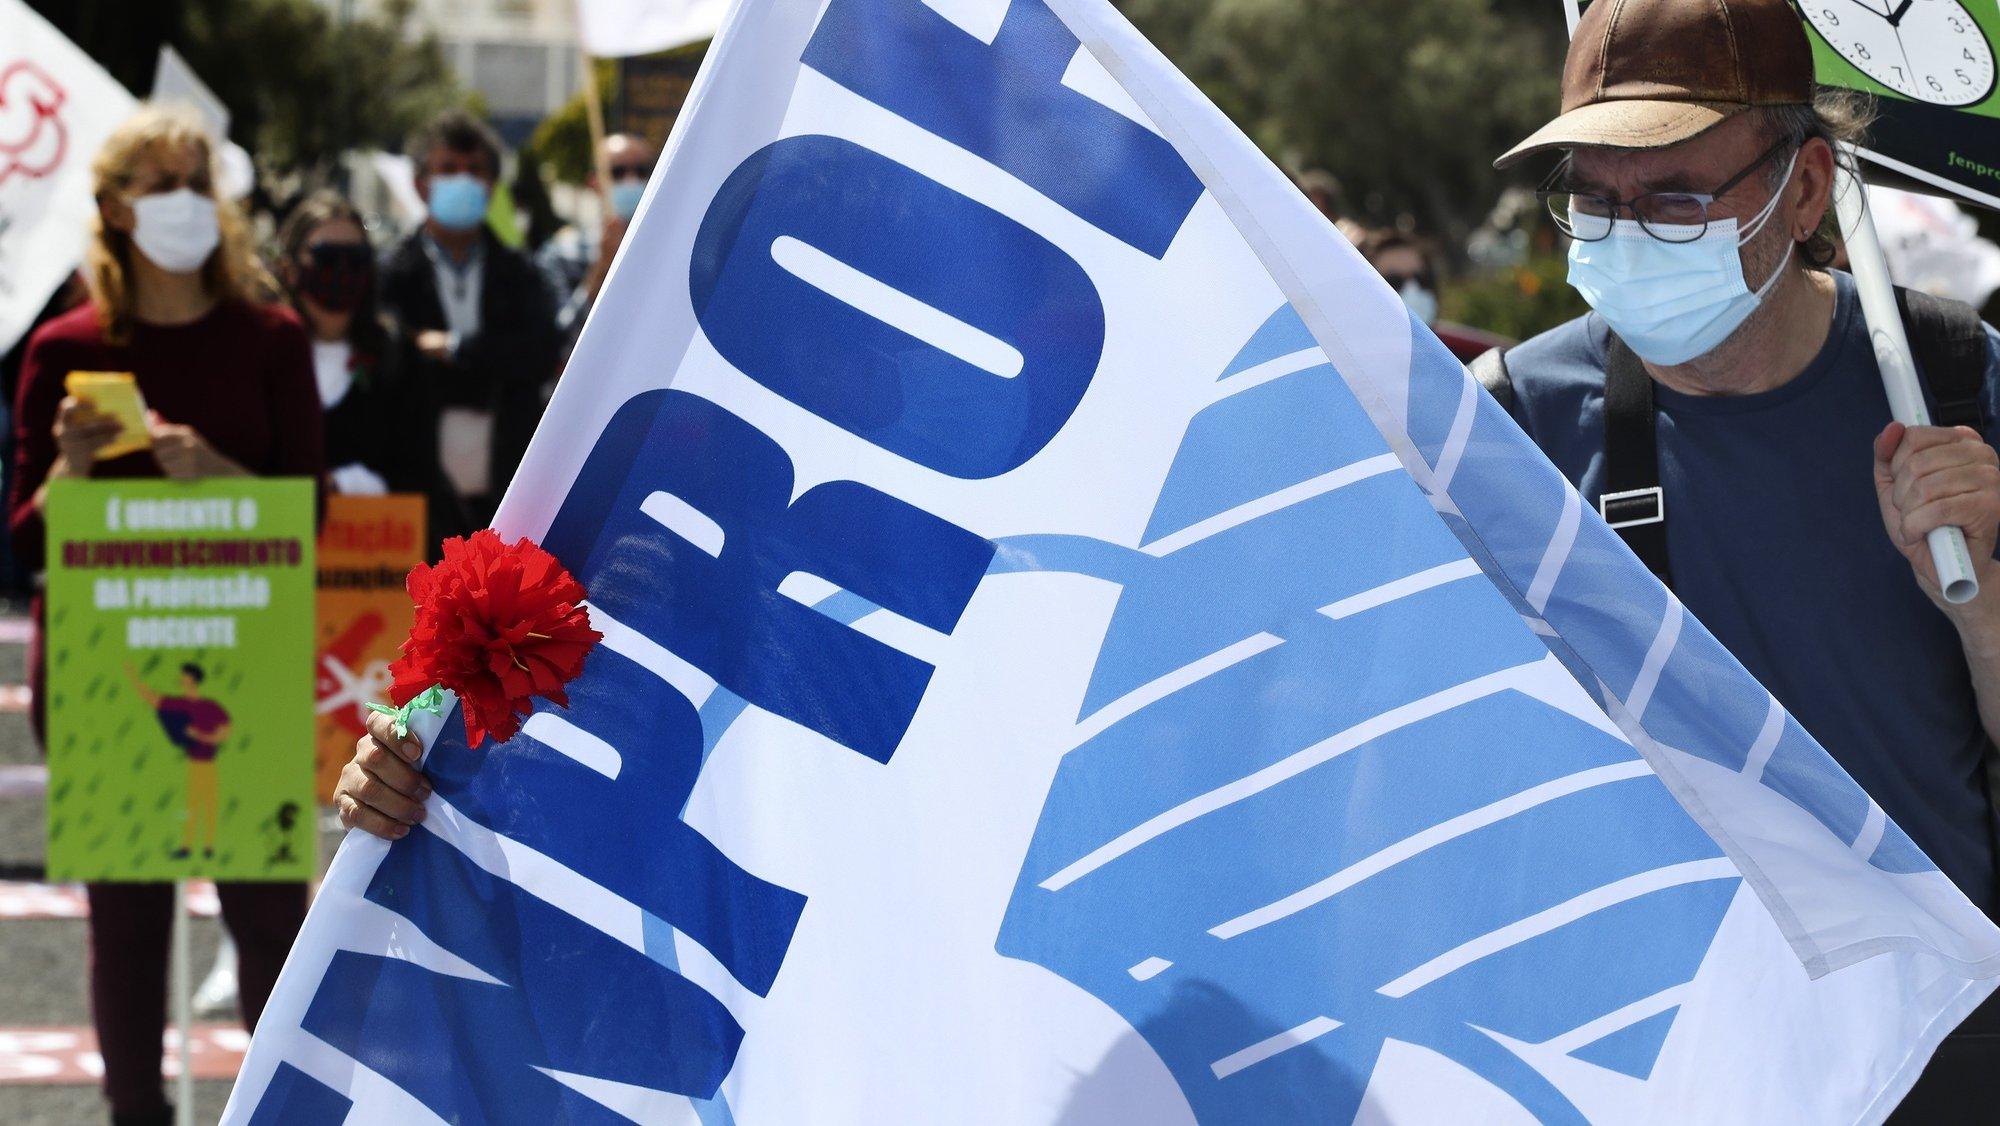 Ação nacional de luta de professores convocada pela federação sindical FENPROF para exigir do governo diálogo, negociação, soluções para os problemas e respeito pelos professores e educadores, como denunciar no espaço geopolítico temporariamente presidido por Portugal, os problemas que se vivem na educação, junto ao Centro Cultural de Belém, em Lisboa, 24 de abril de 2021. MANUEL DE ALMEIDA/LUSA